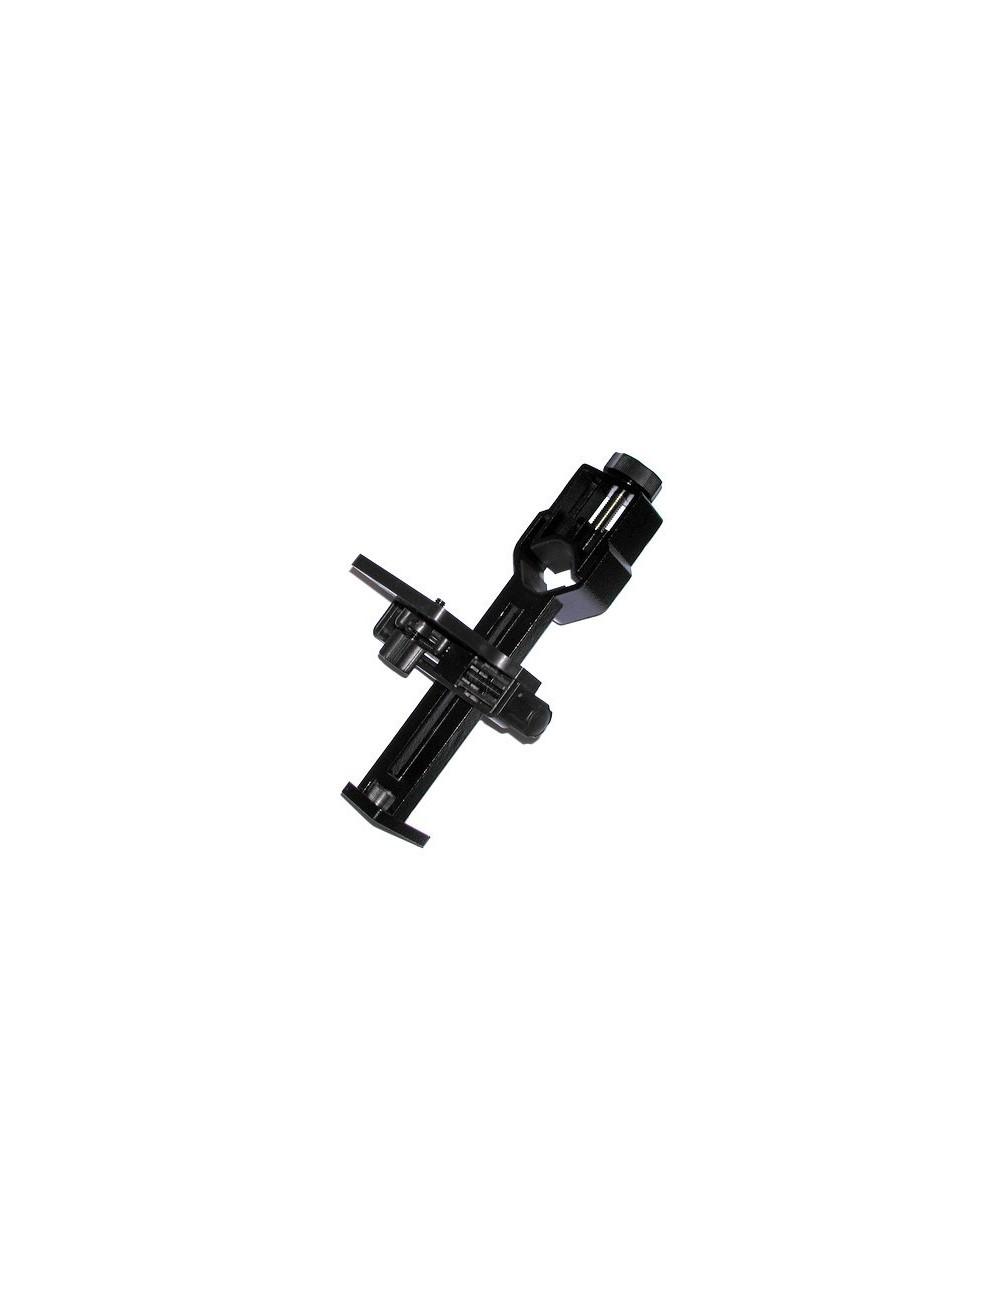 Adaptateur numérique universel 28/45 mm